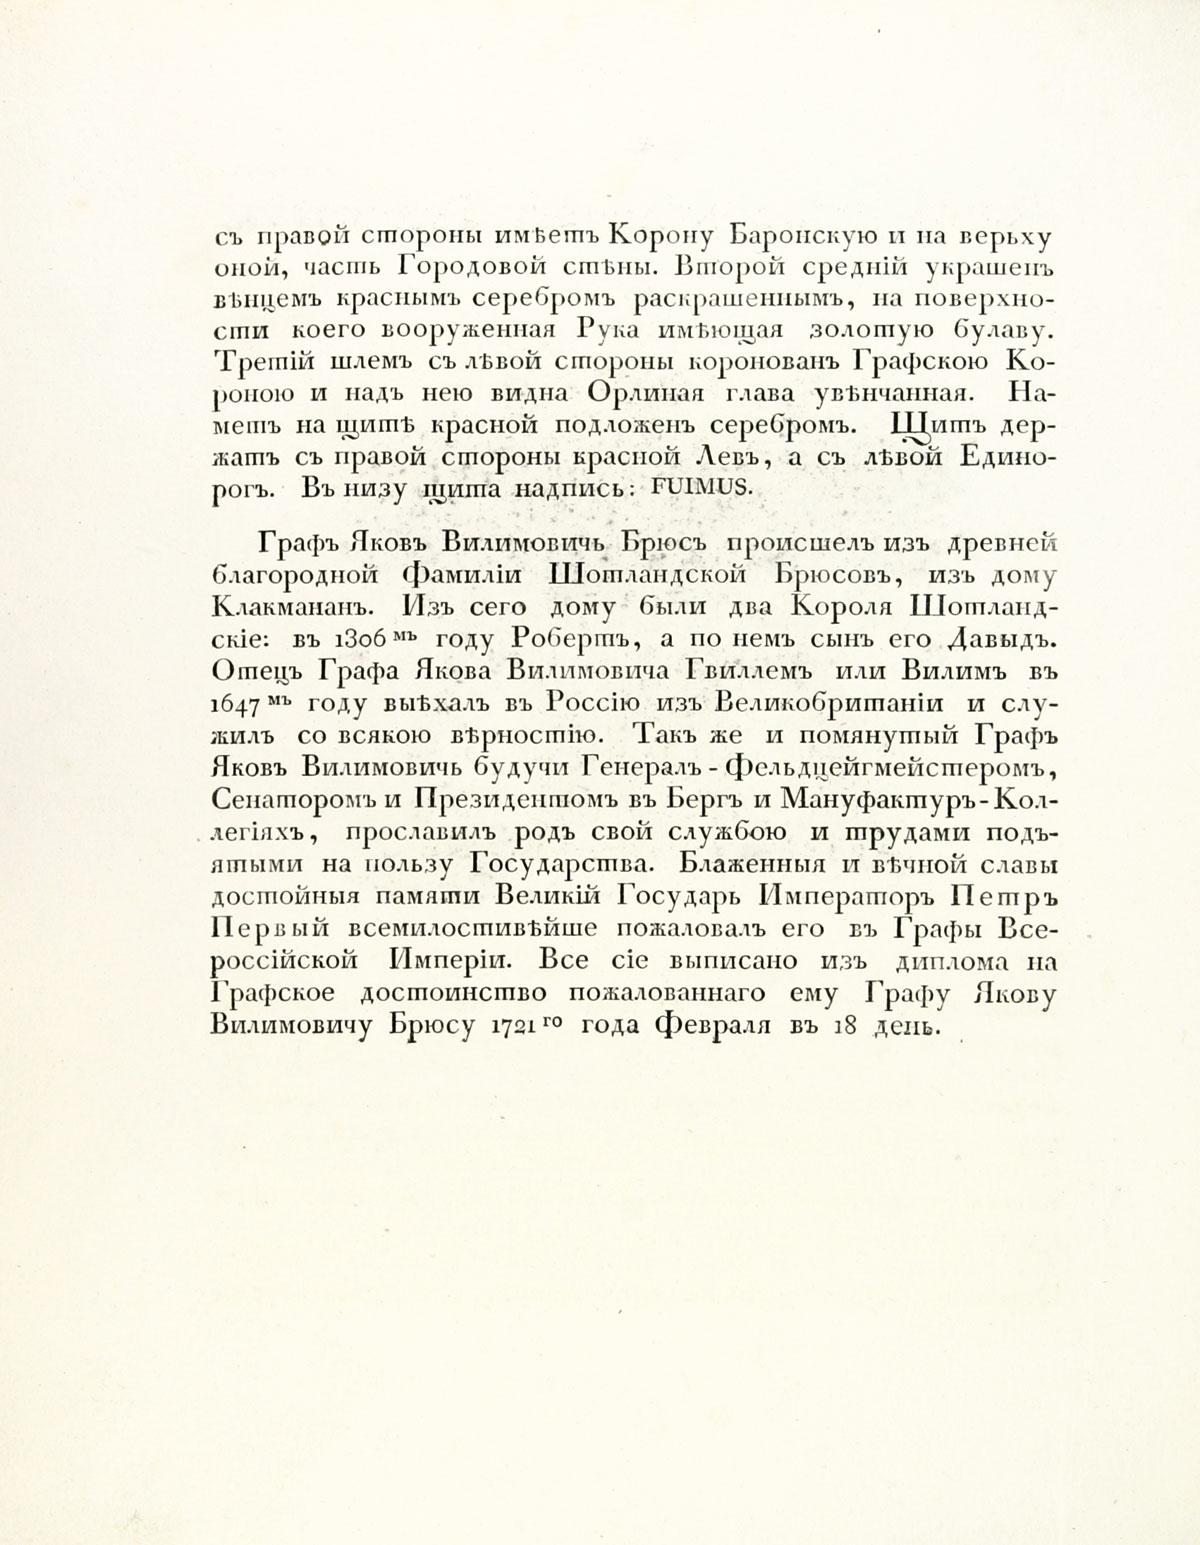 http://gerbovnik.ru/og/v2/p0037.jpg